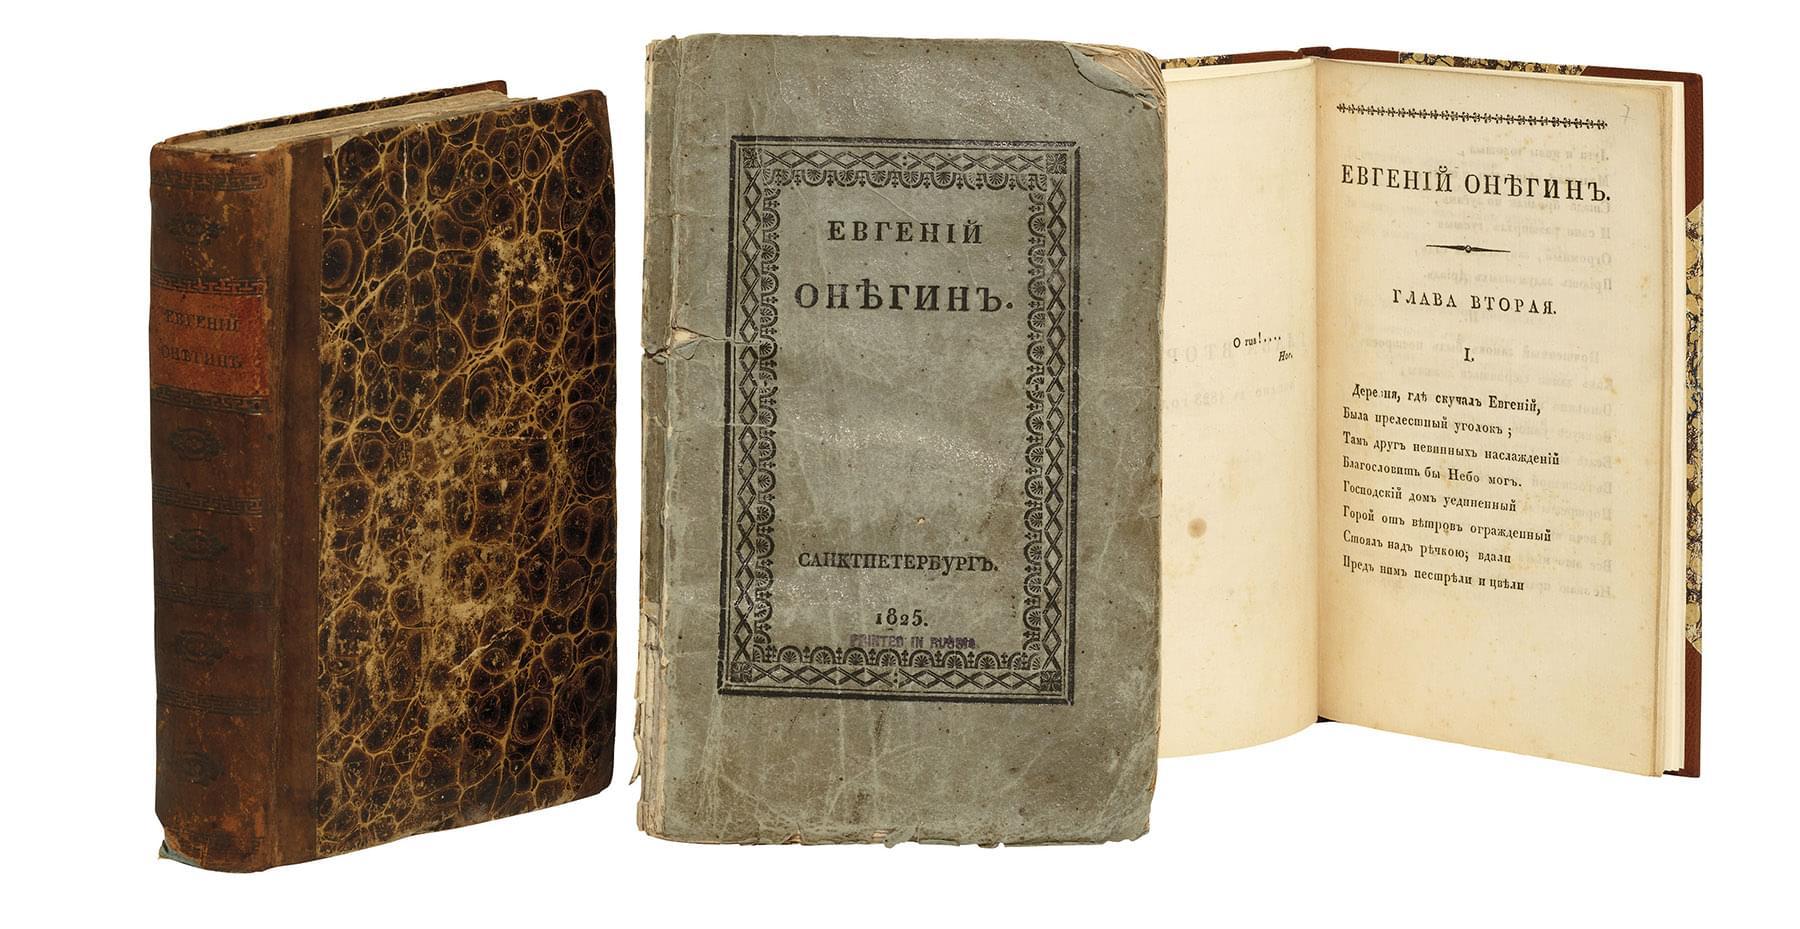 Библиографическая редкость вкожаном переплете. Источник: christies.com